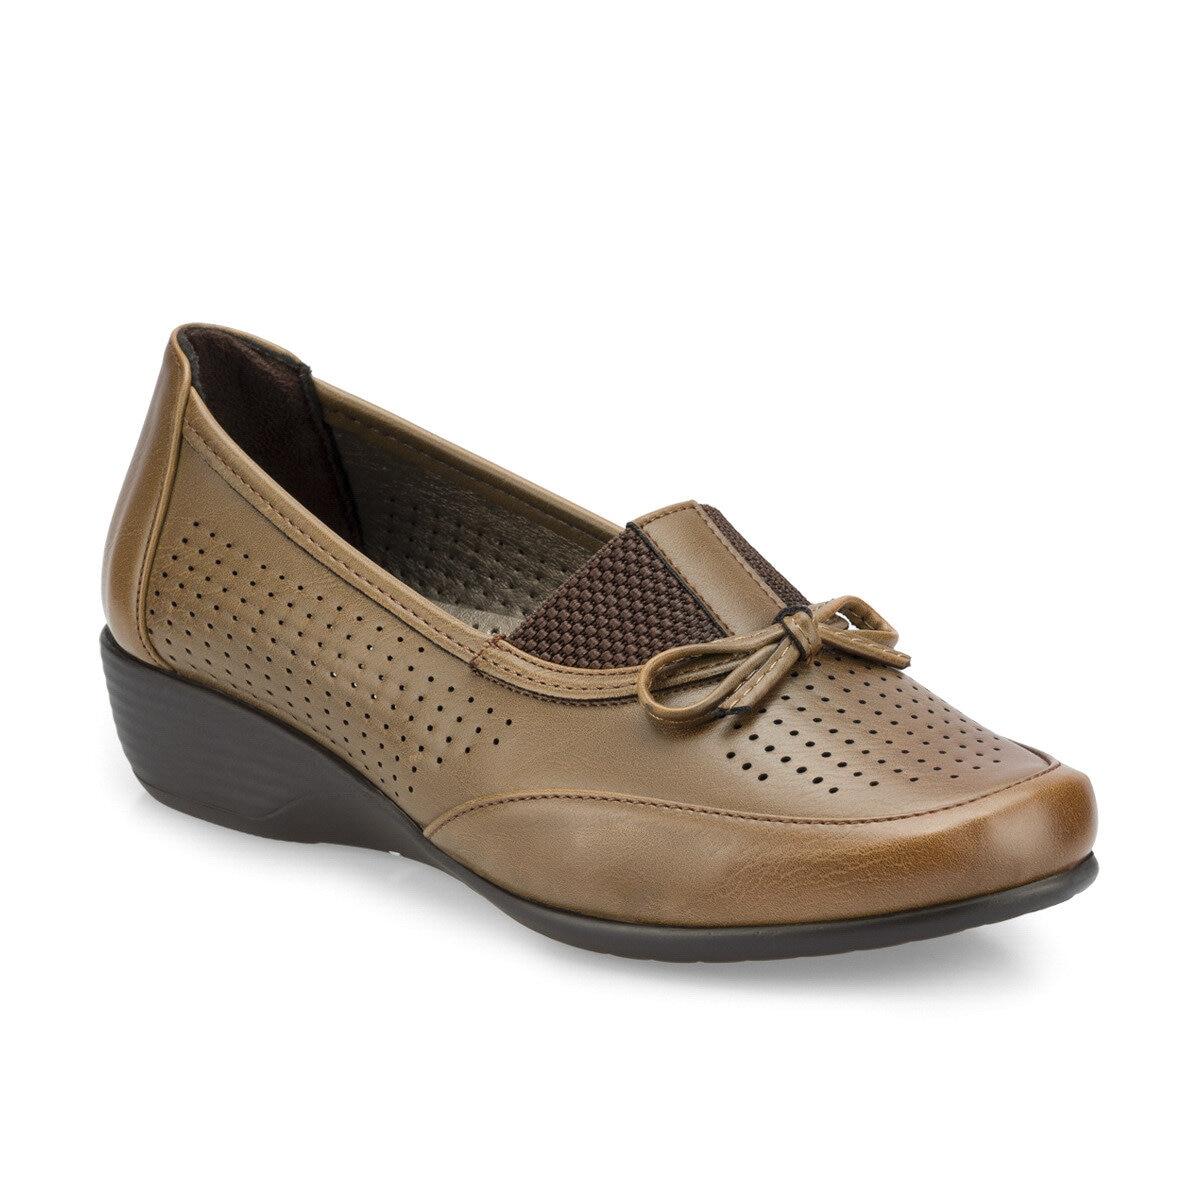 FLO 161036.Z Tan Women 'S Shoes Polaris